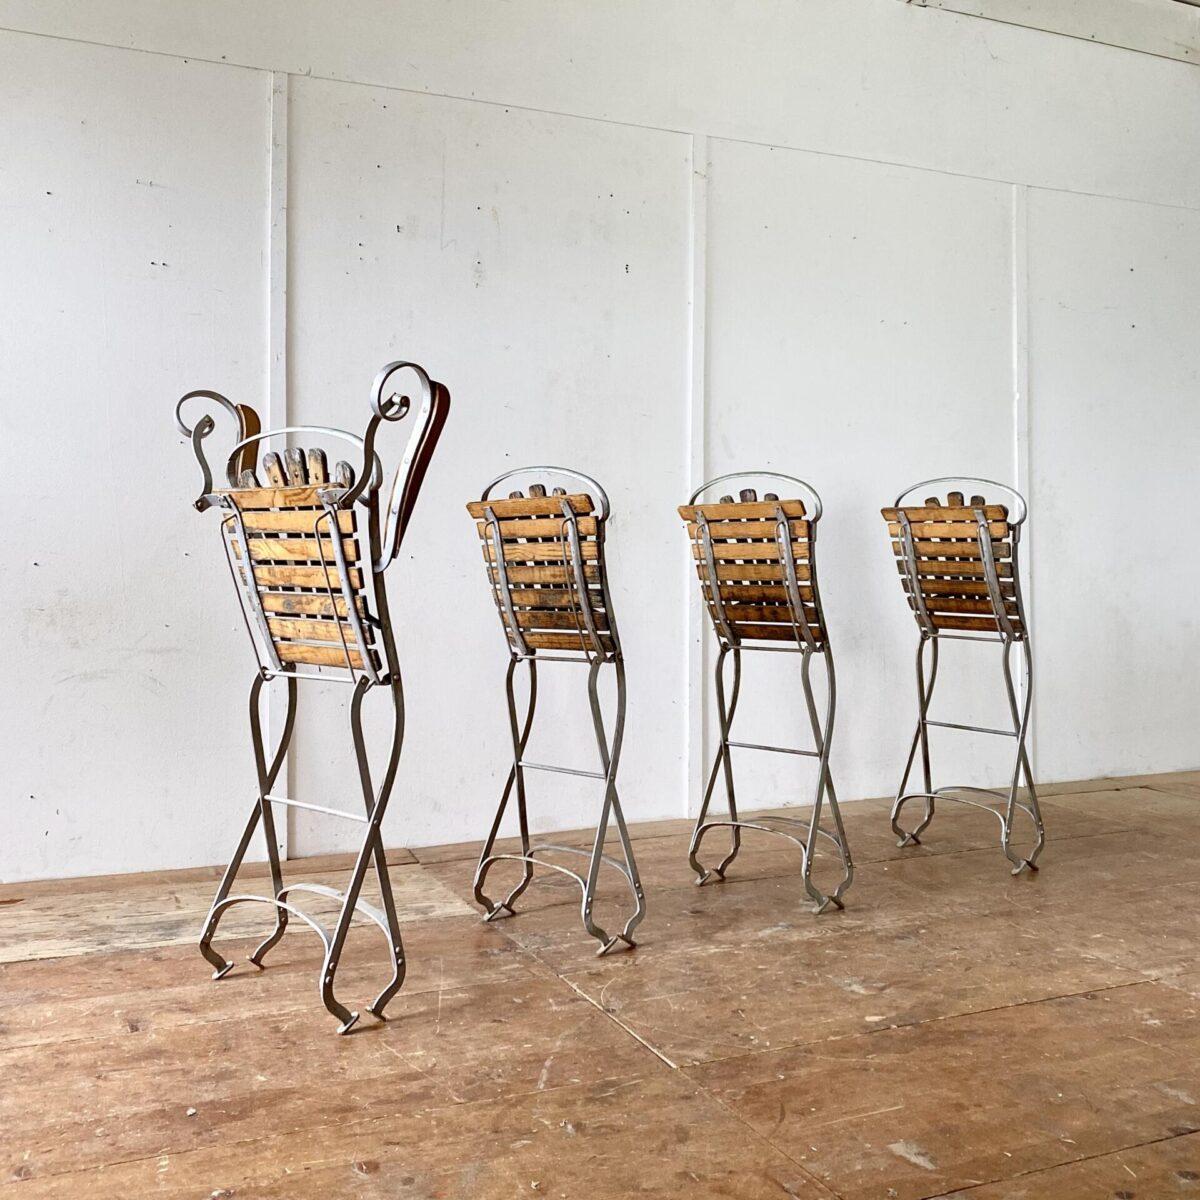 Deuxieme.shop Antike Jugendstil Gartenstühle. 4 Metall Gartenstühle klappbar. Preis fürs Set. Verspielte Schnörklige Jugendstil Formen, hochwertig Verarbeitet. Der Lack ist etwas blättrig oder schon ganz weg. Die Holzlatten sind zwar grau und etwas verwittert, jedoch noch in gesundem Zustand ohne morsche oder weiche Stellen.